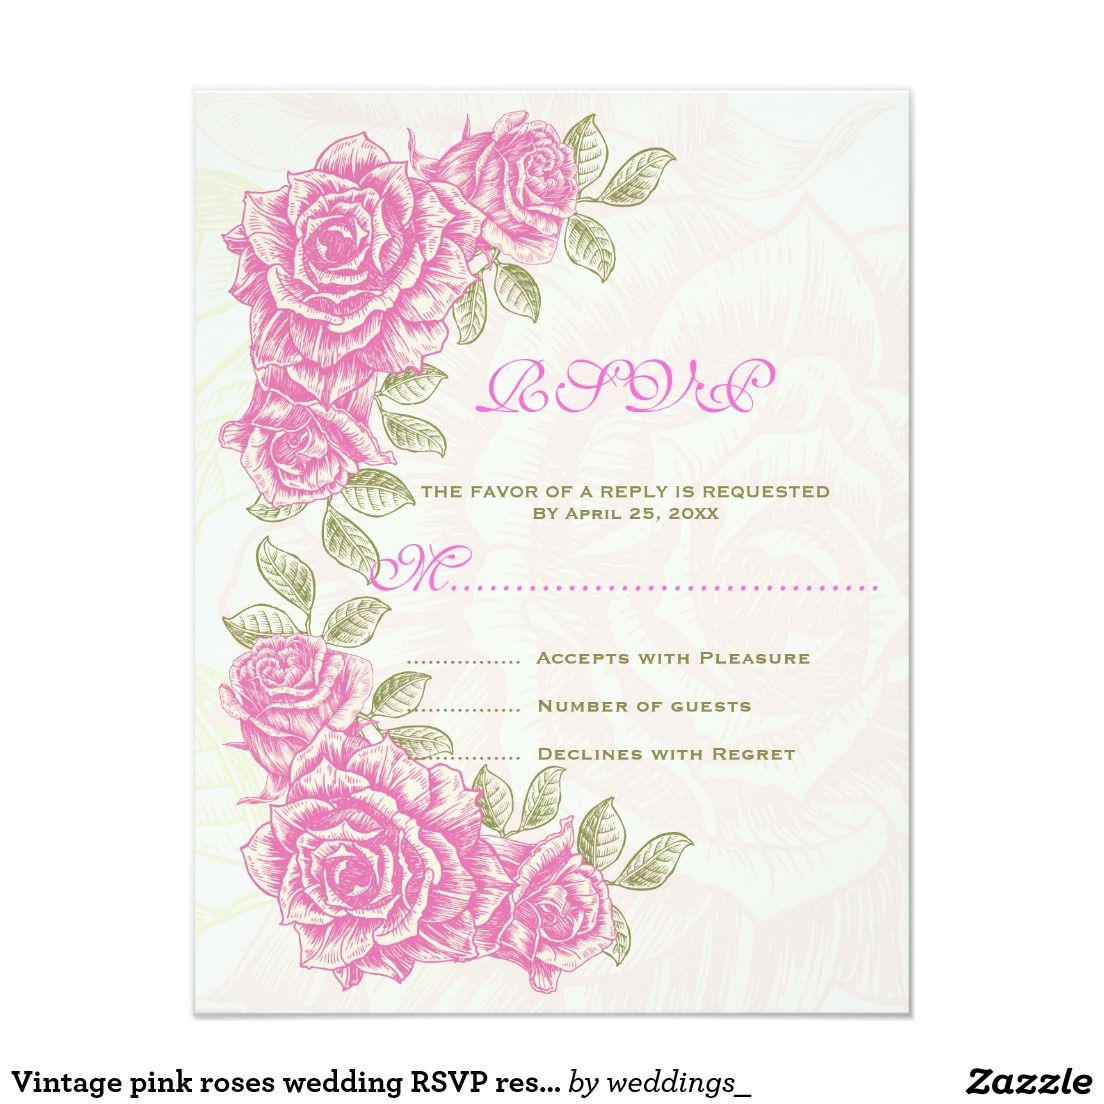 Vintage pink roses wedding RSVP response card | Response cards ...